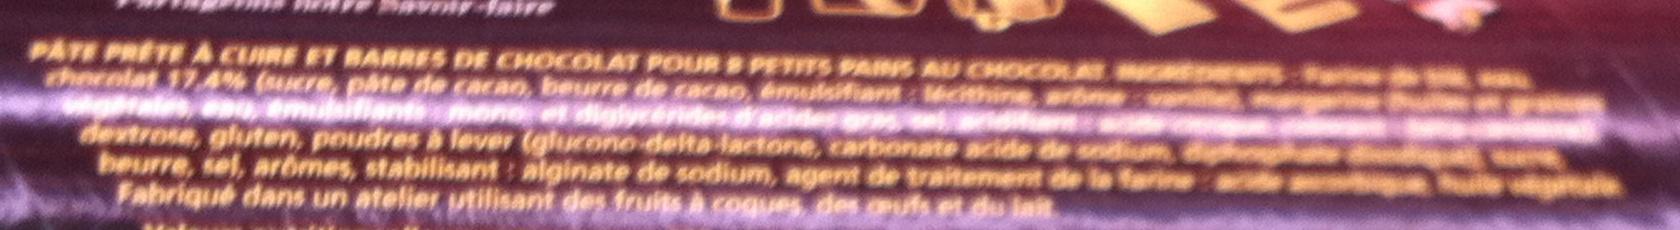 8 pains au choco - Ingrédients - fr